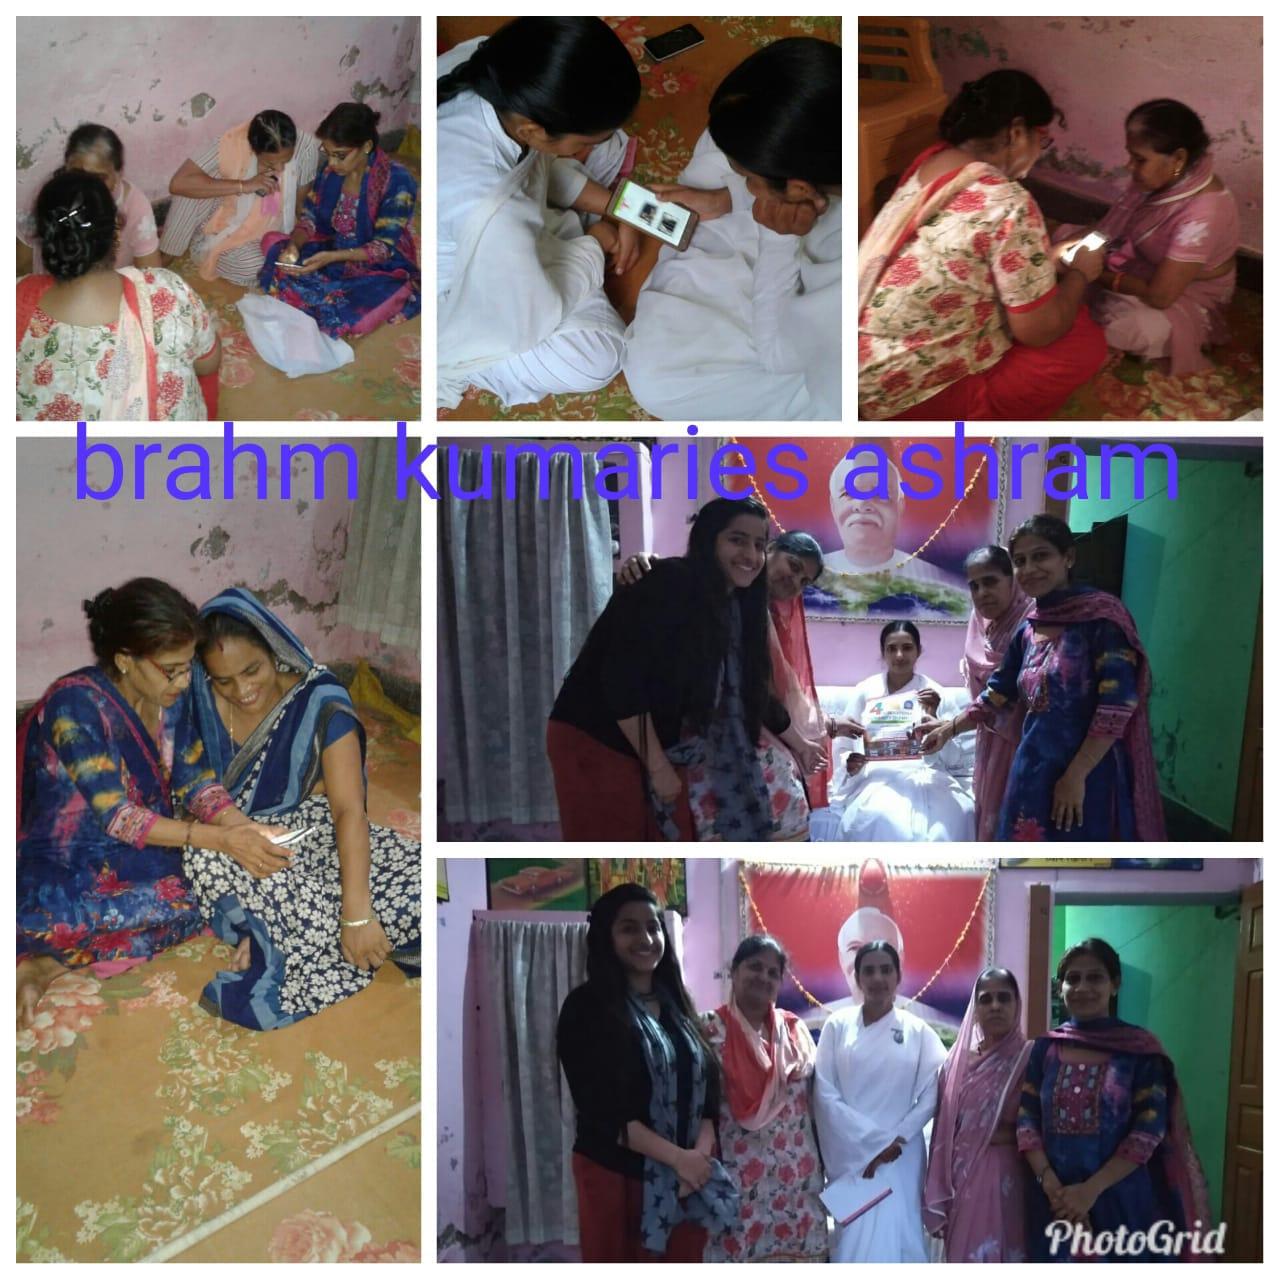 brahmkumaries ashram alwar.jpeg